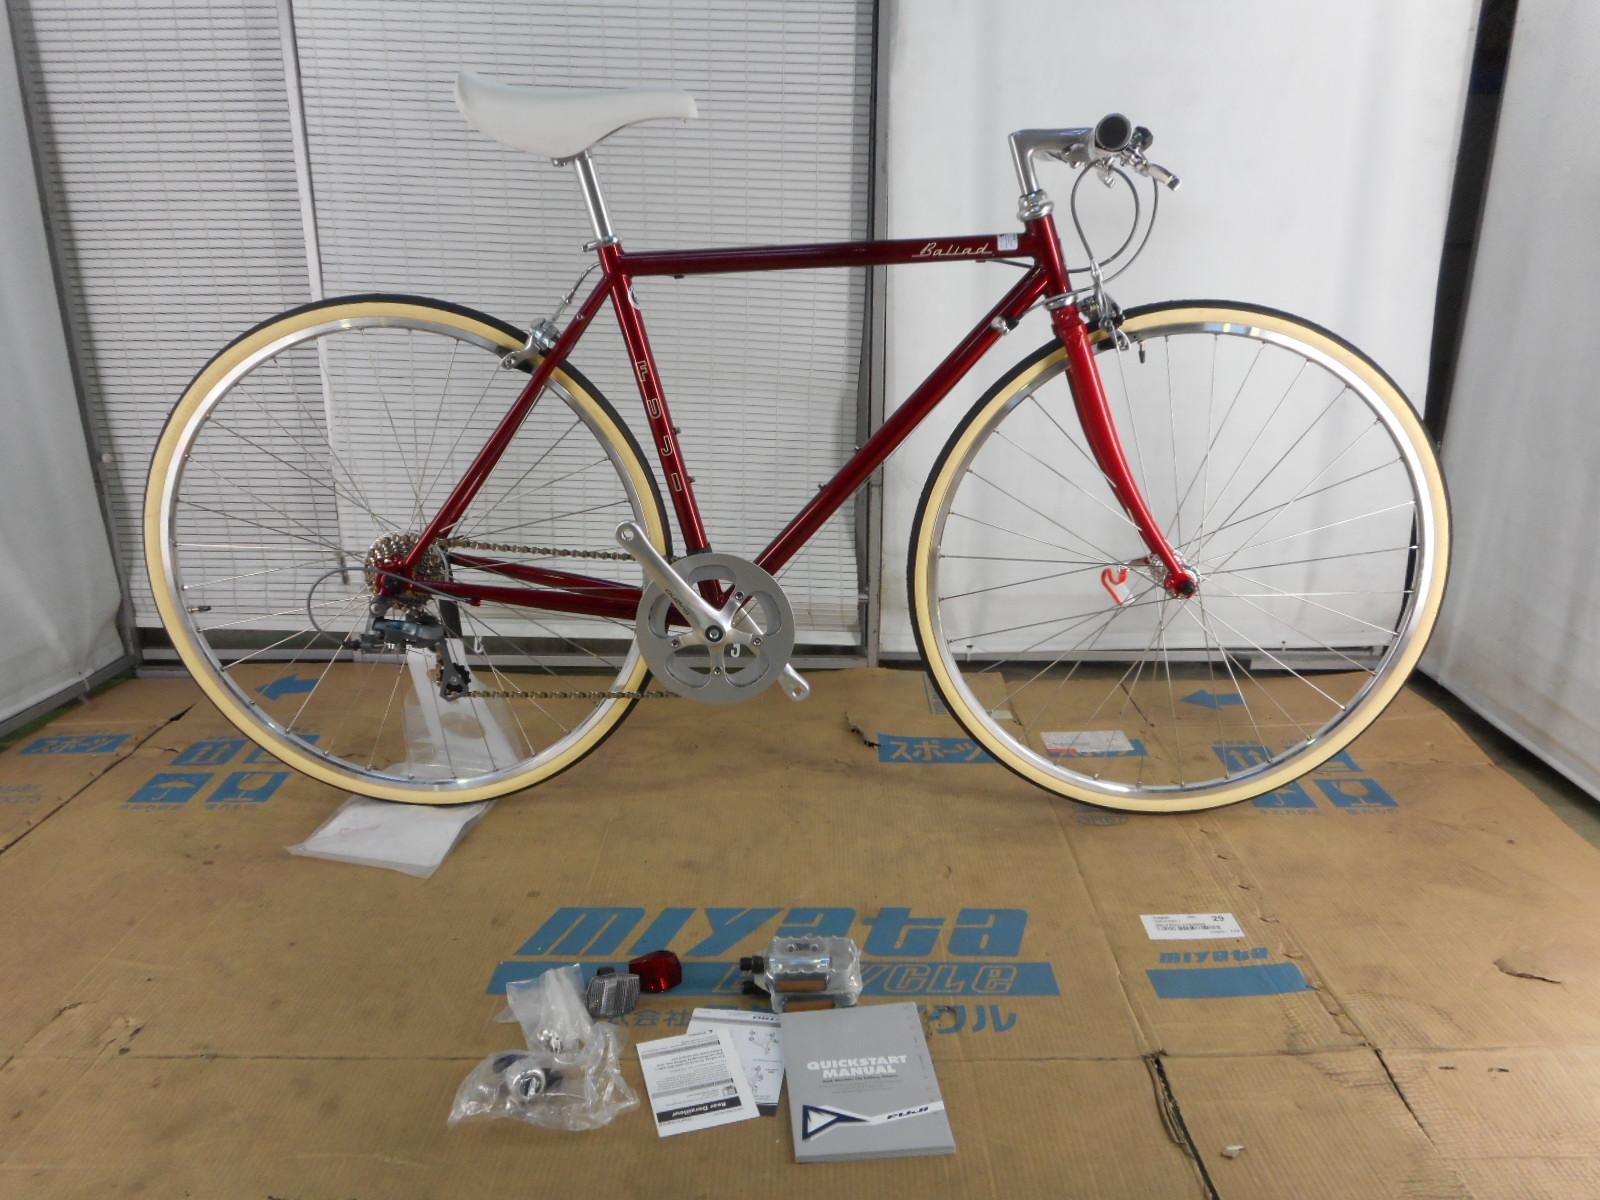 【整備済】【35%OFF】2016FUJI(フジ) BALLAD【アウトレットキズ有り】Bordeaux 49cmクロモリクロスバイク 在庫限り